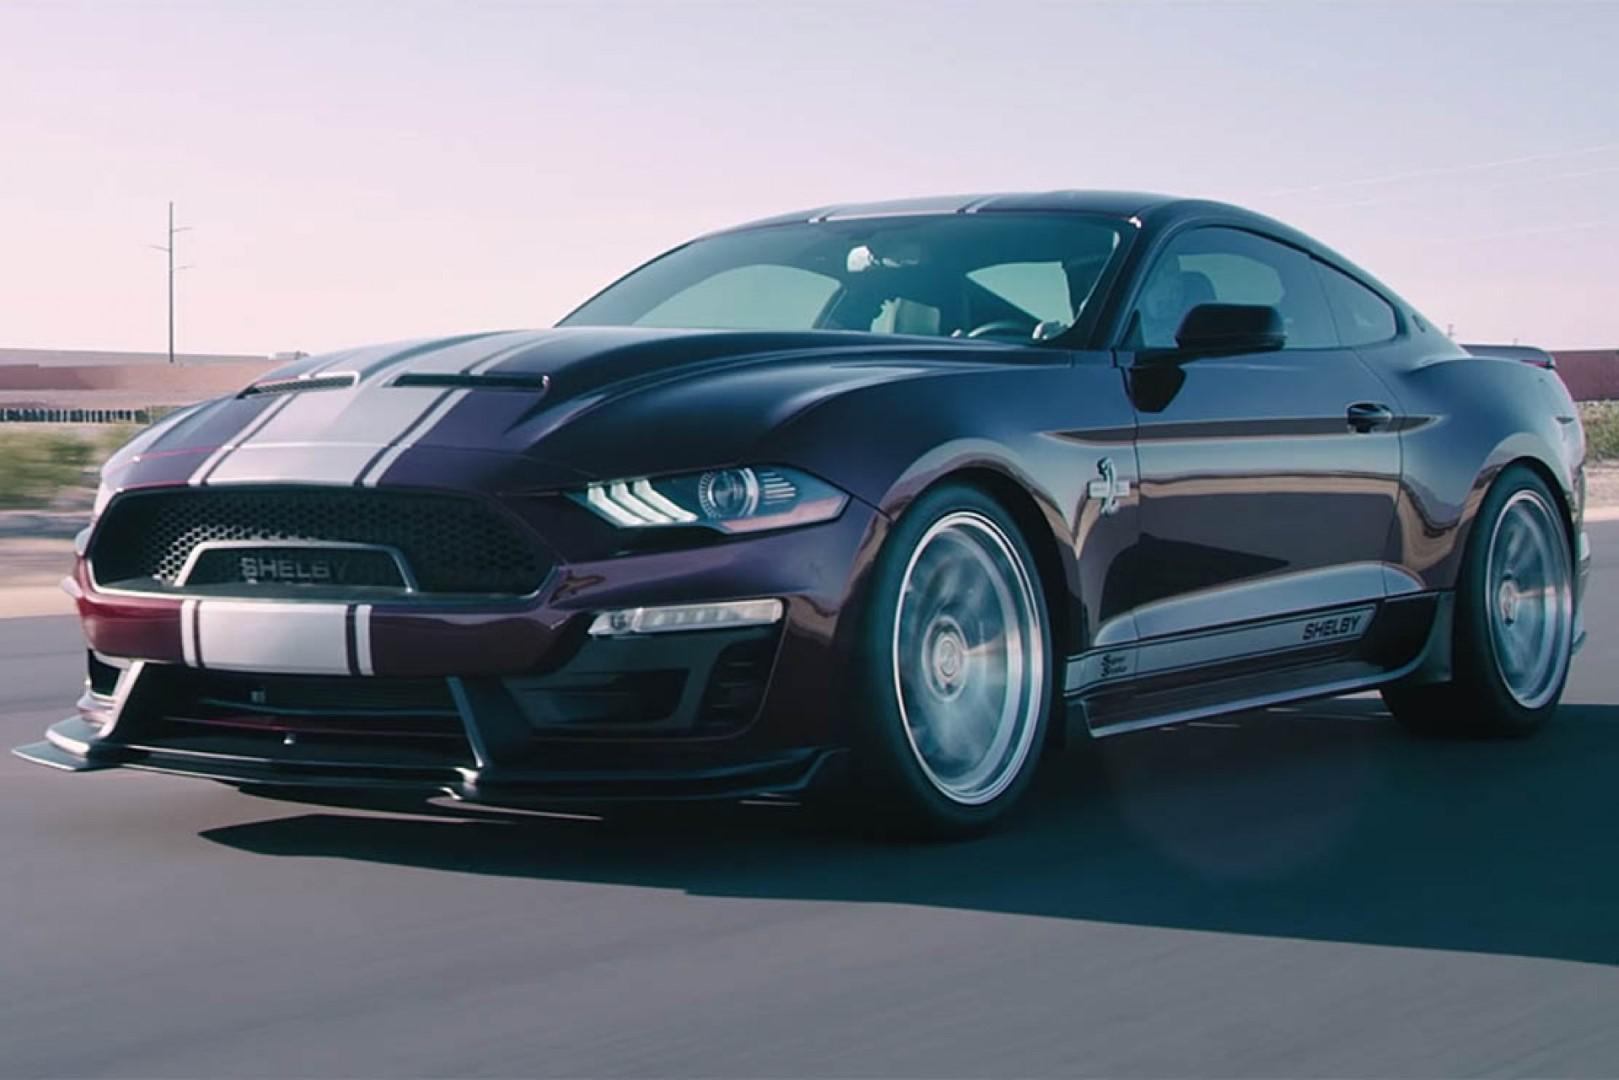 Ford Mustang Shelby Super Snake 2018: Plus de 800 ch sous le capot !